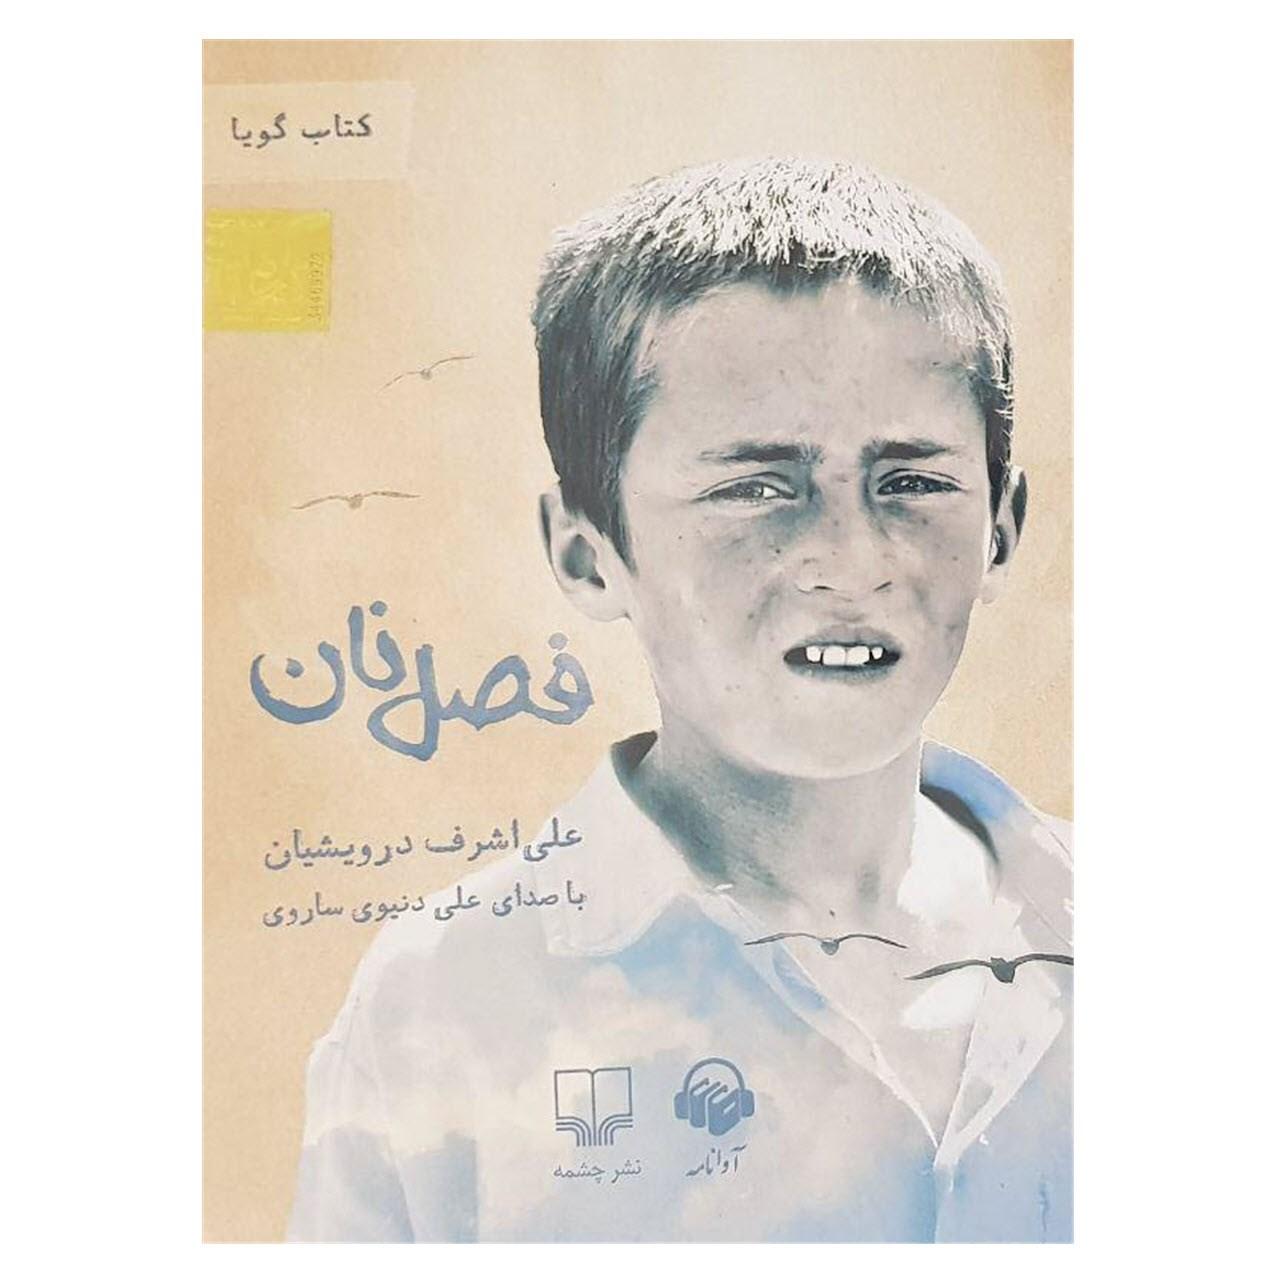 کتاب صوتی فصل نان اثر علی اشرف درویشیان